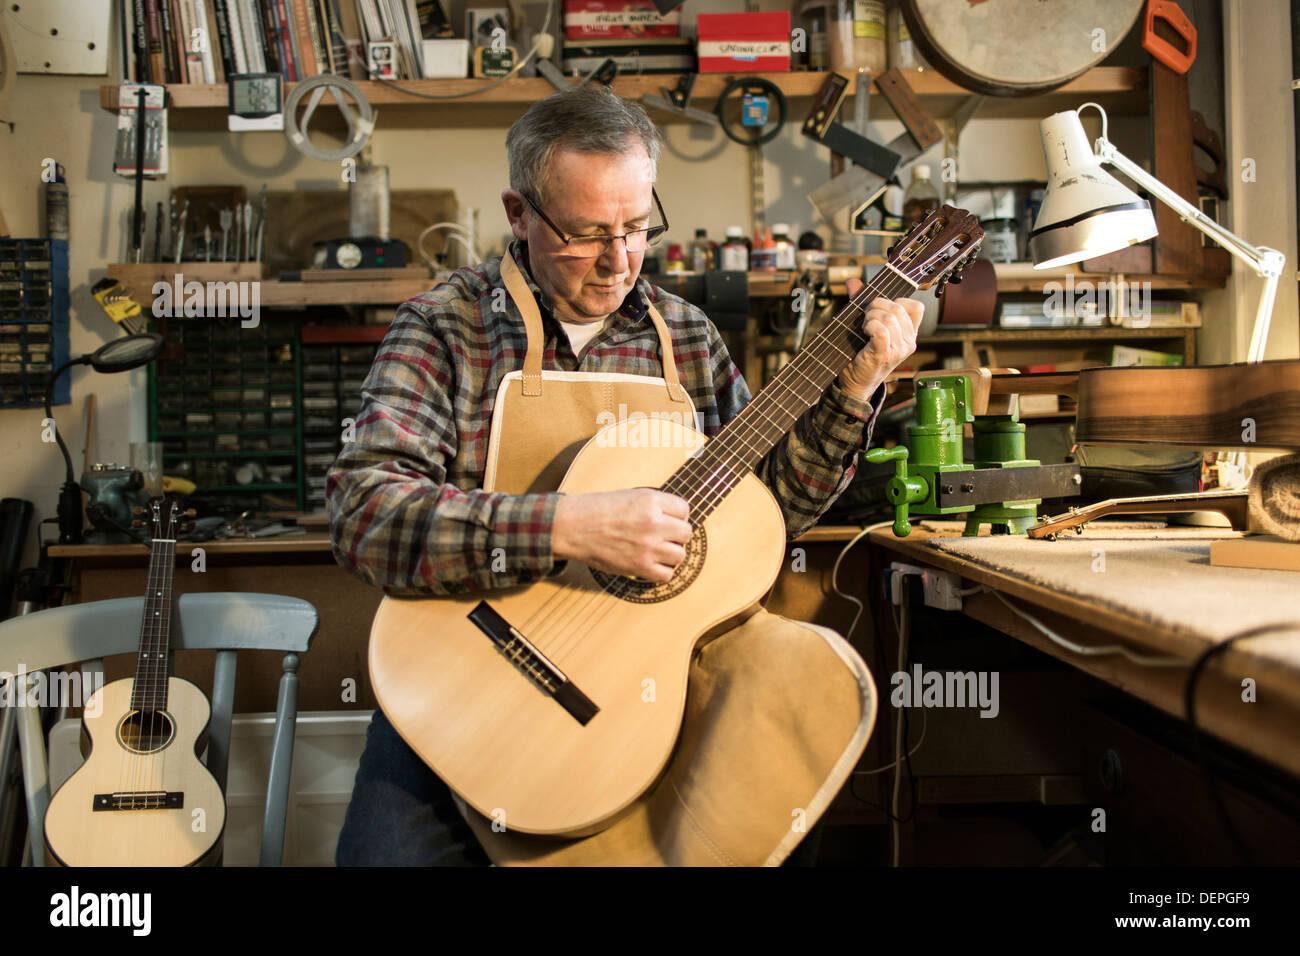 Tuning fabricant de guitares guitare acoustique et d'essai en atelier Photo Stock